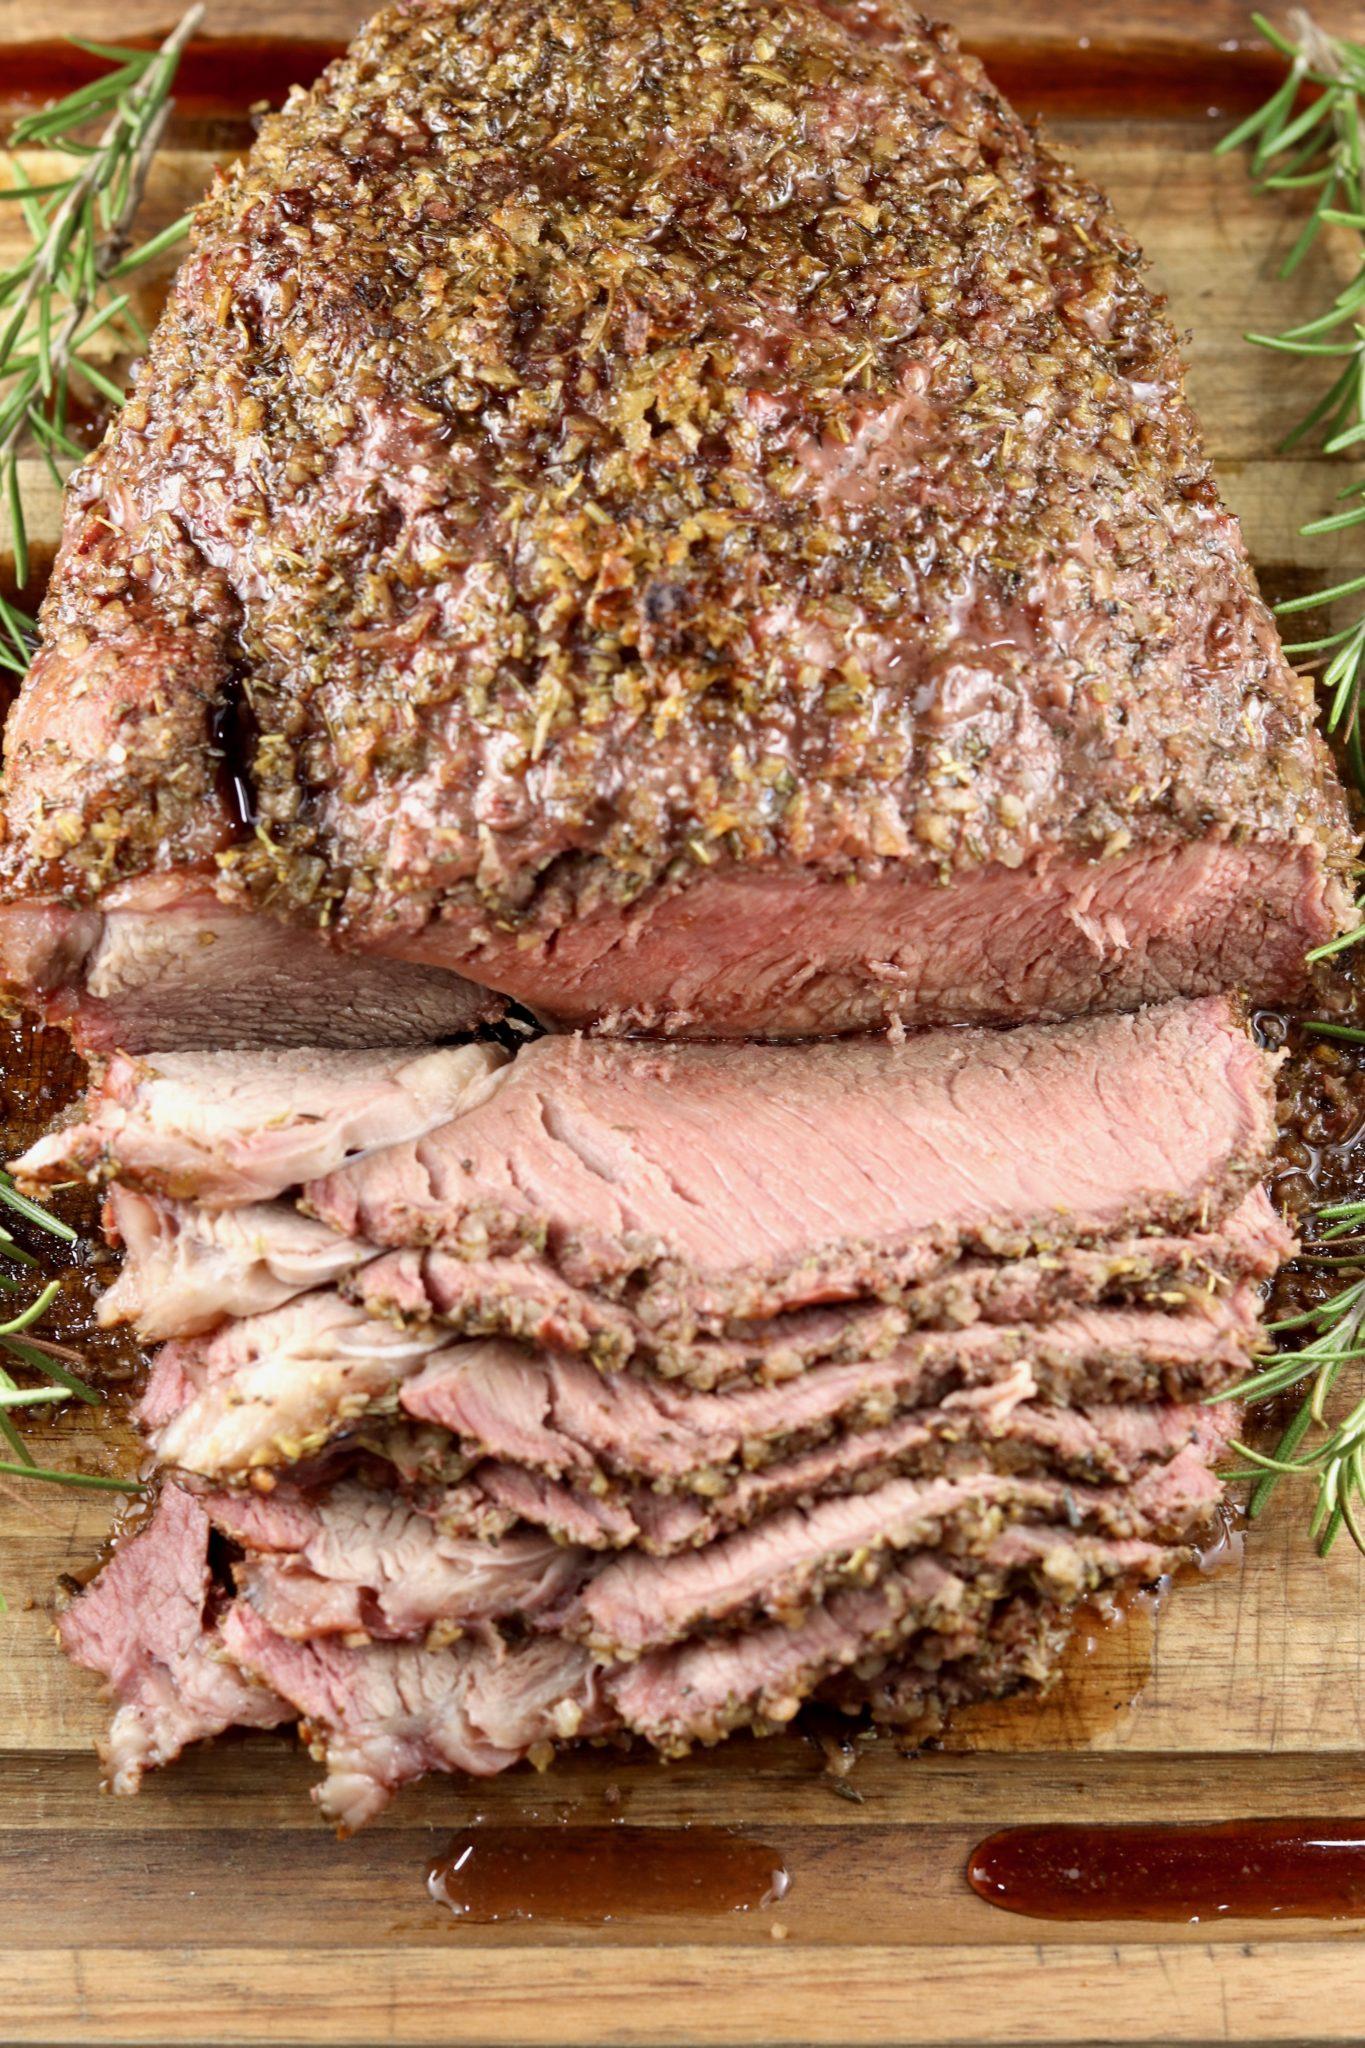 Overhead of sliced rare roast beef